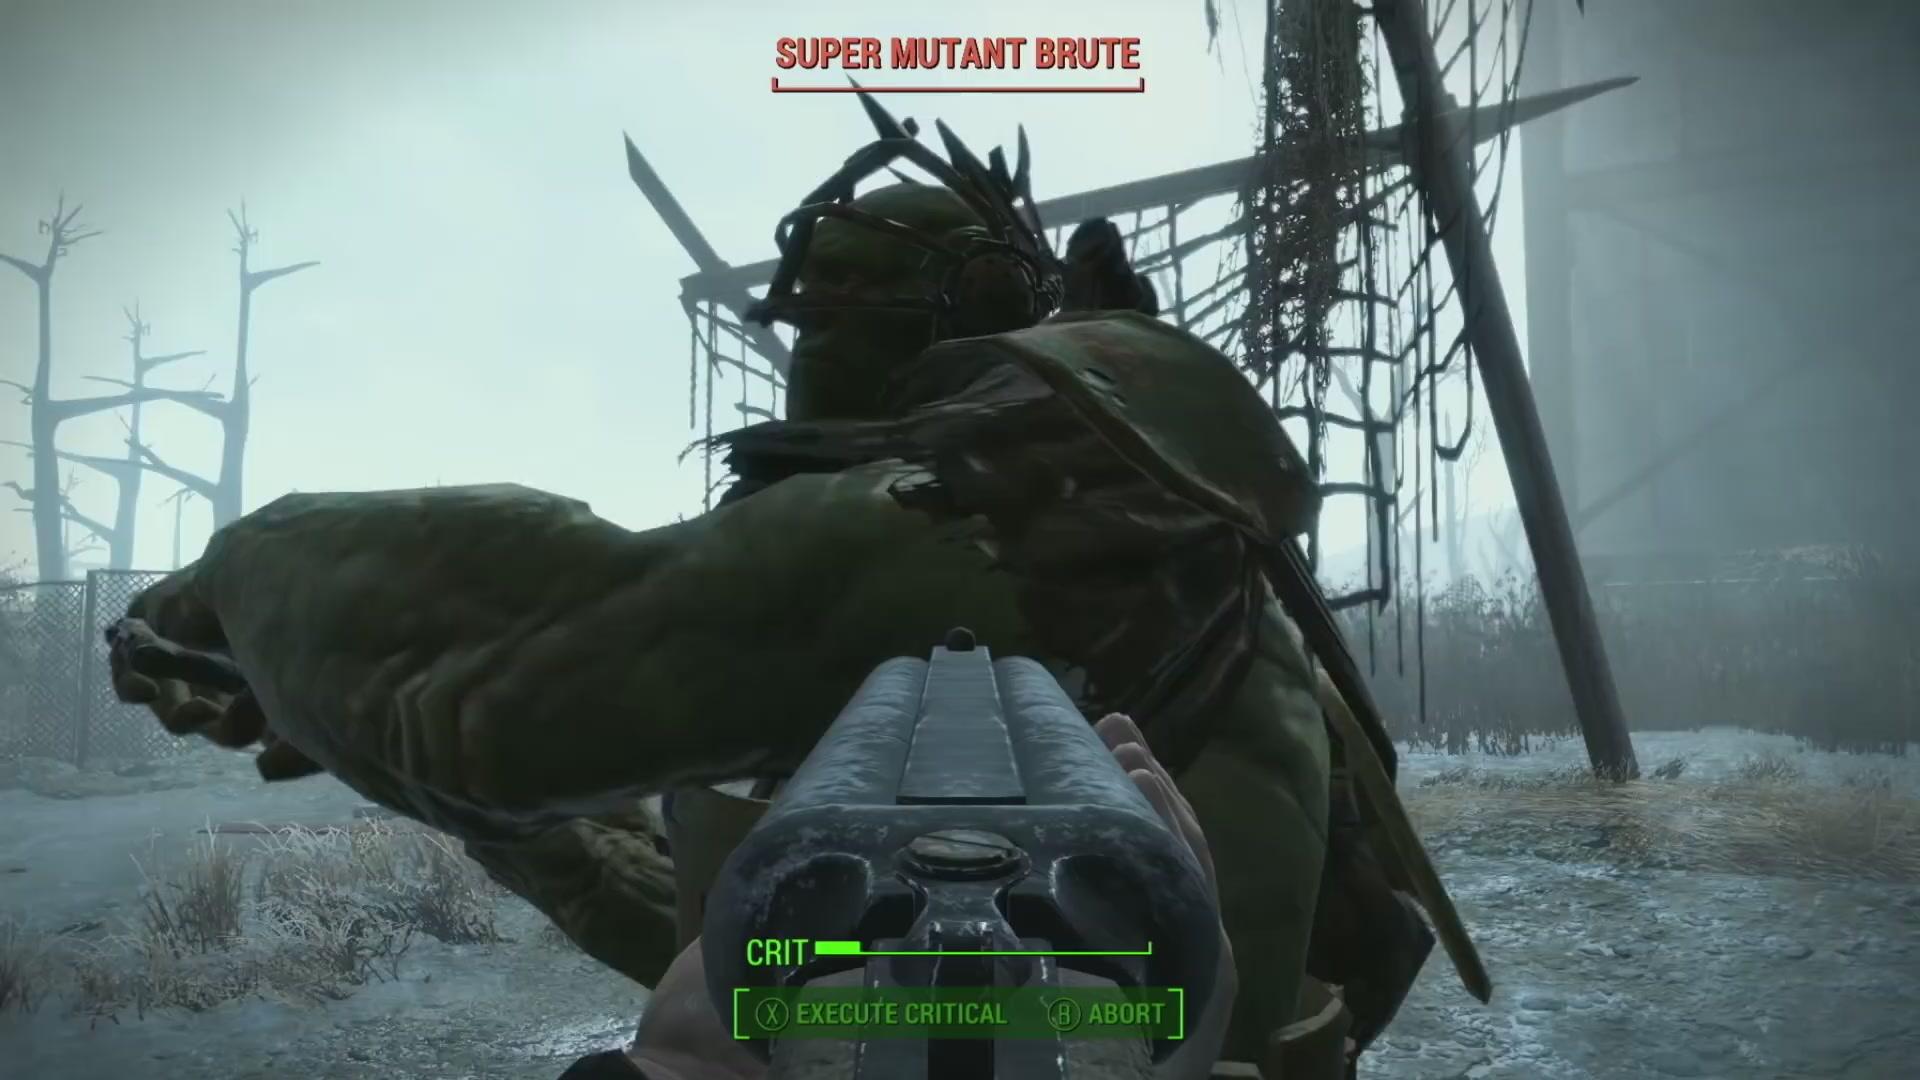 fallout_4_super_mutant_brute